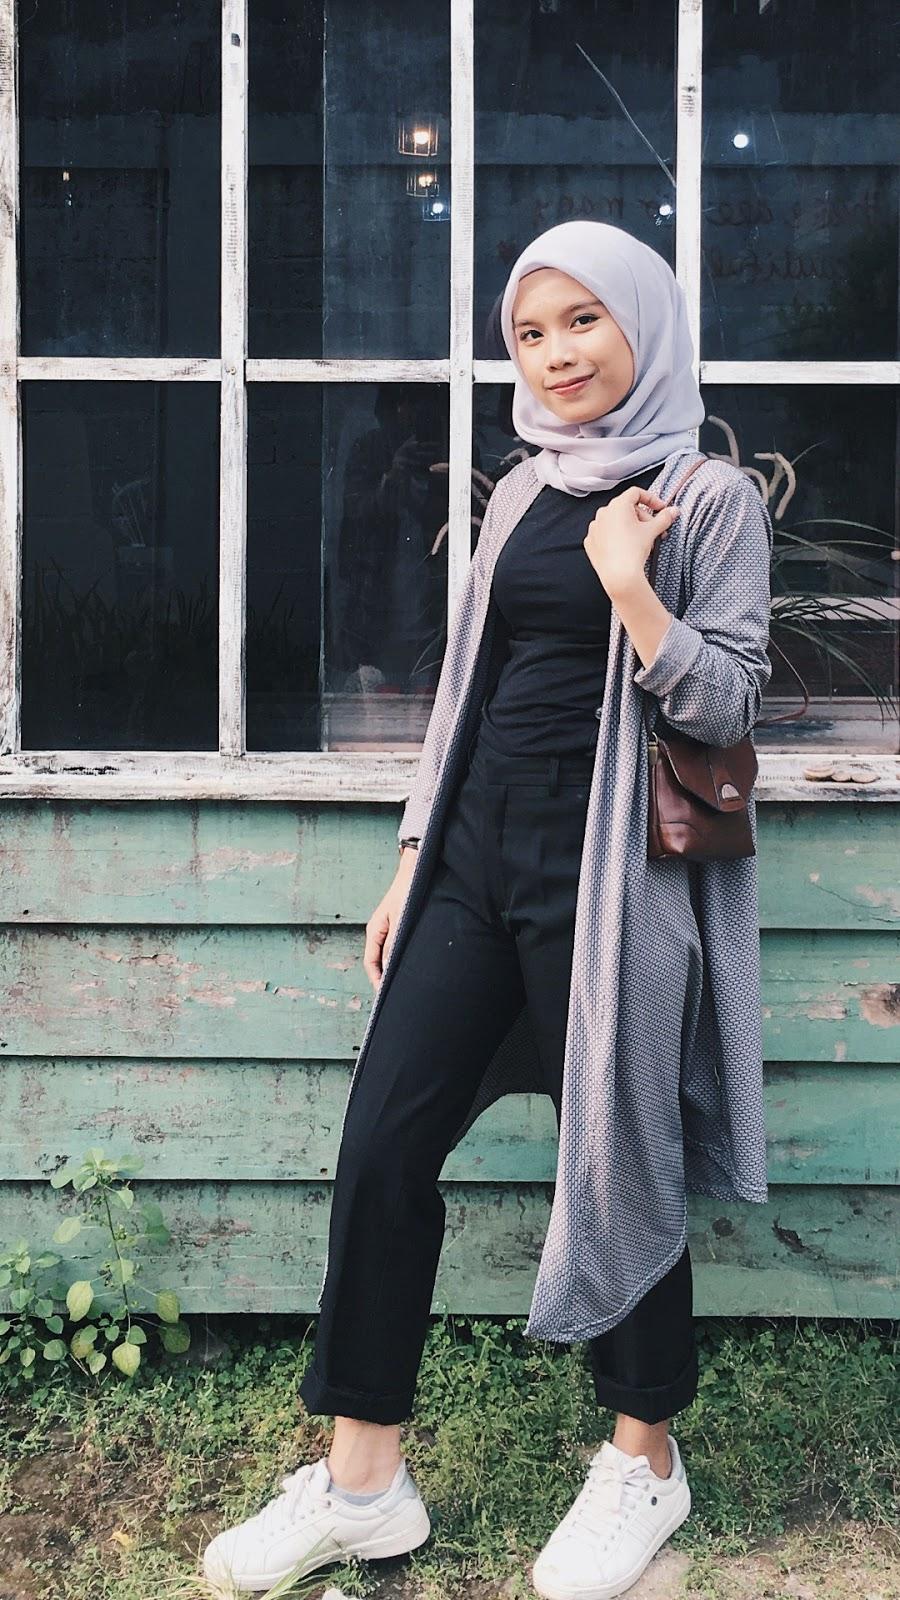 wallpaper muslimah cantik hijab cewek manis baju ketat dan seksi manis